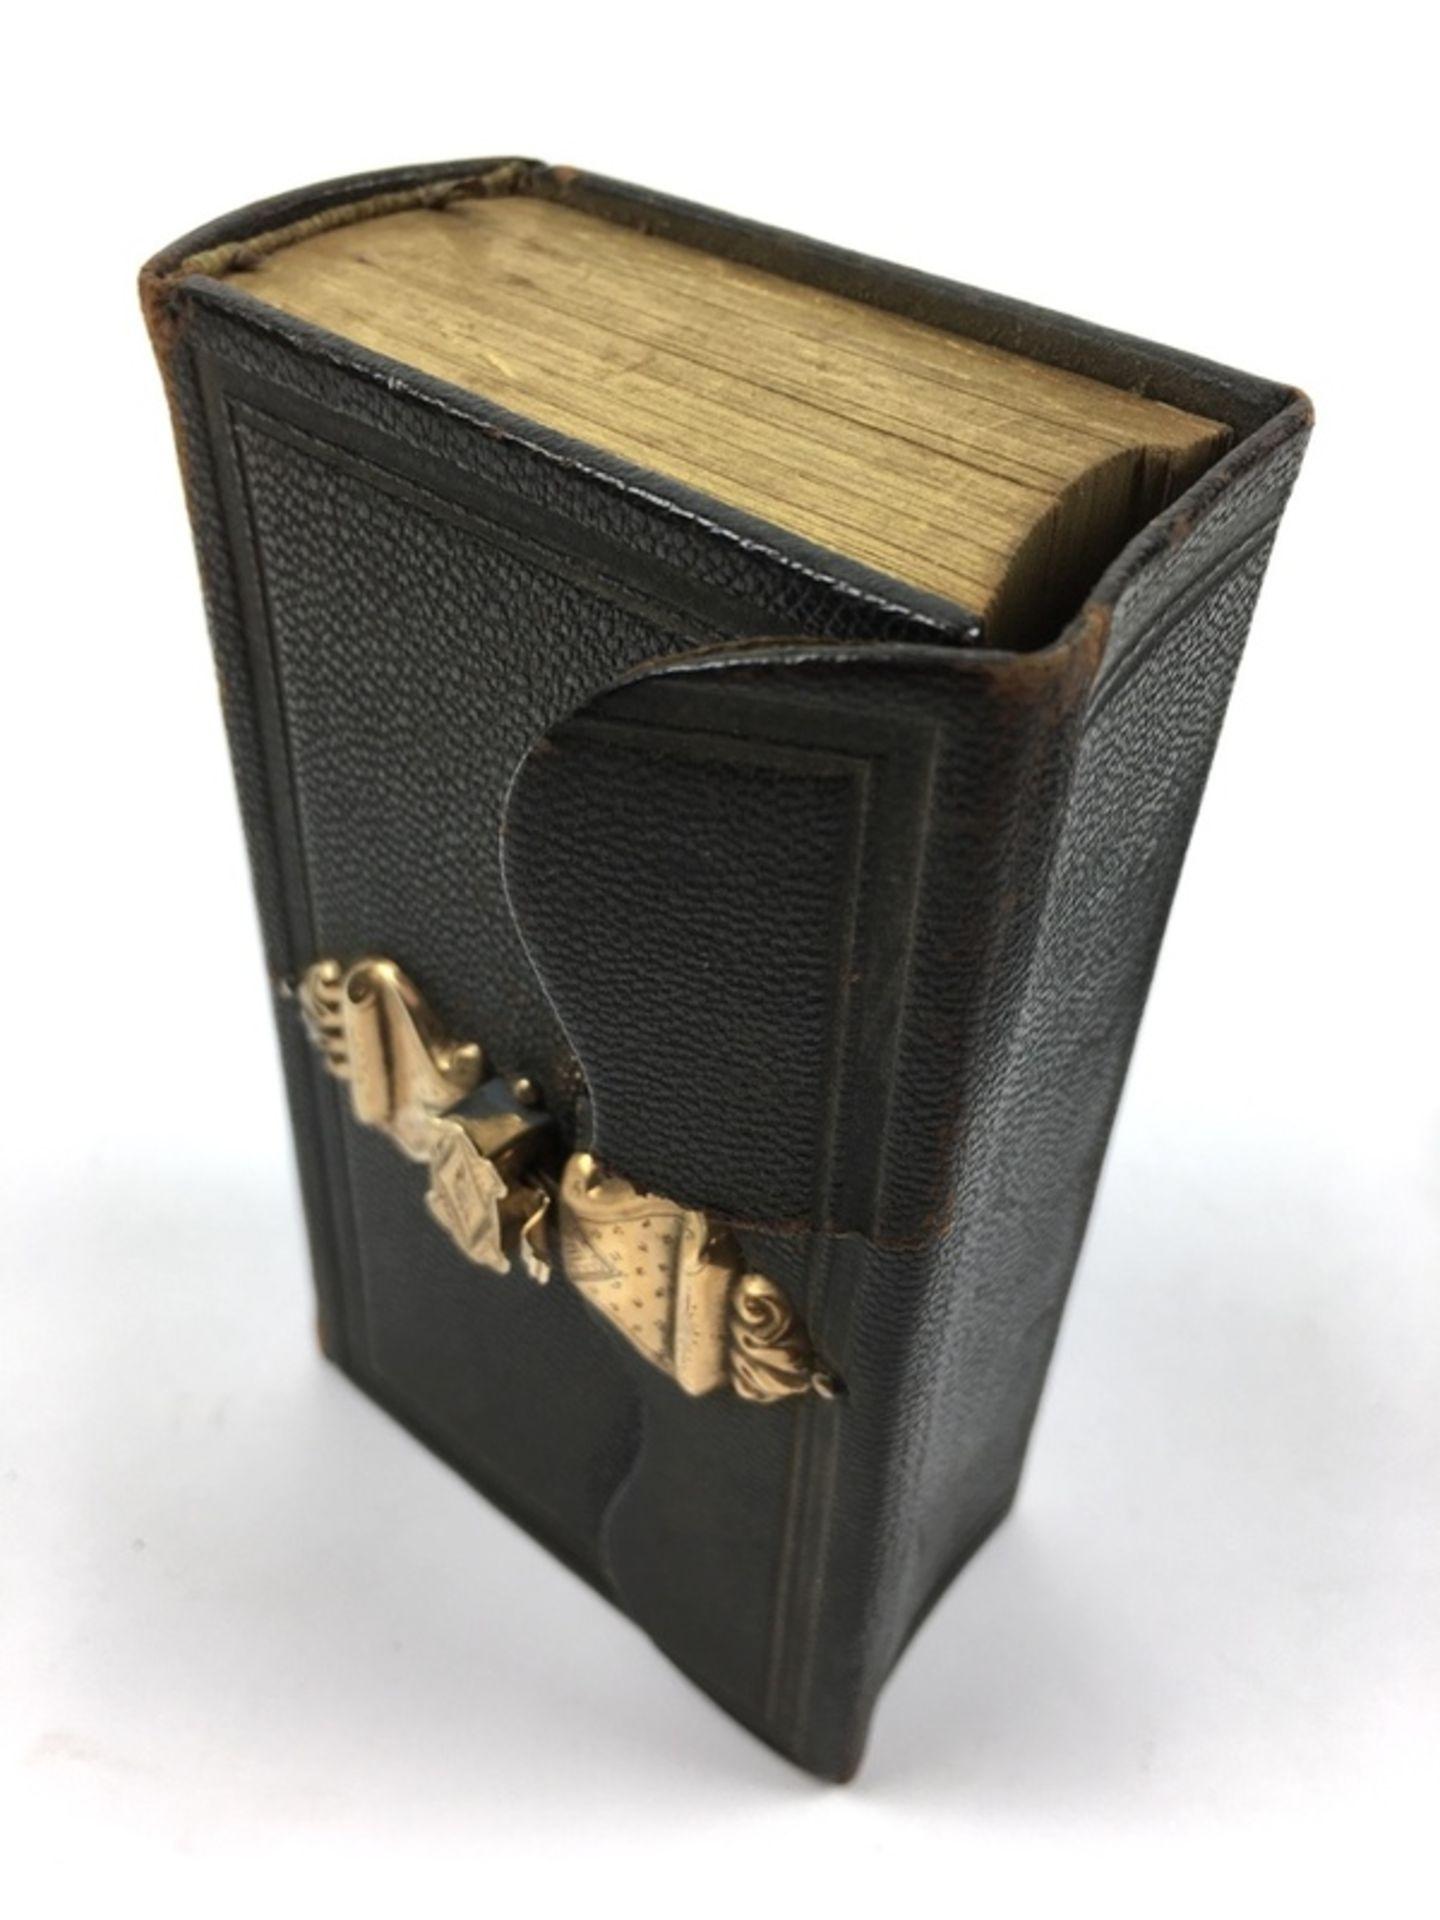 (Antiek) Bijbel en portemonnee met gouden slotenBijbel met leren kaft en gouden slot uit 1884, - Image 7 of 8